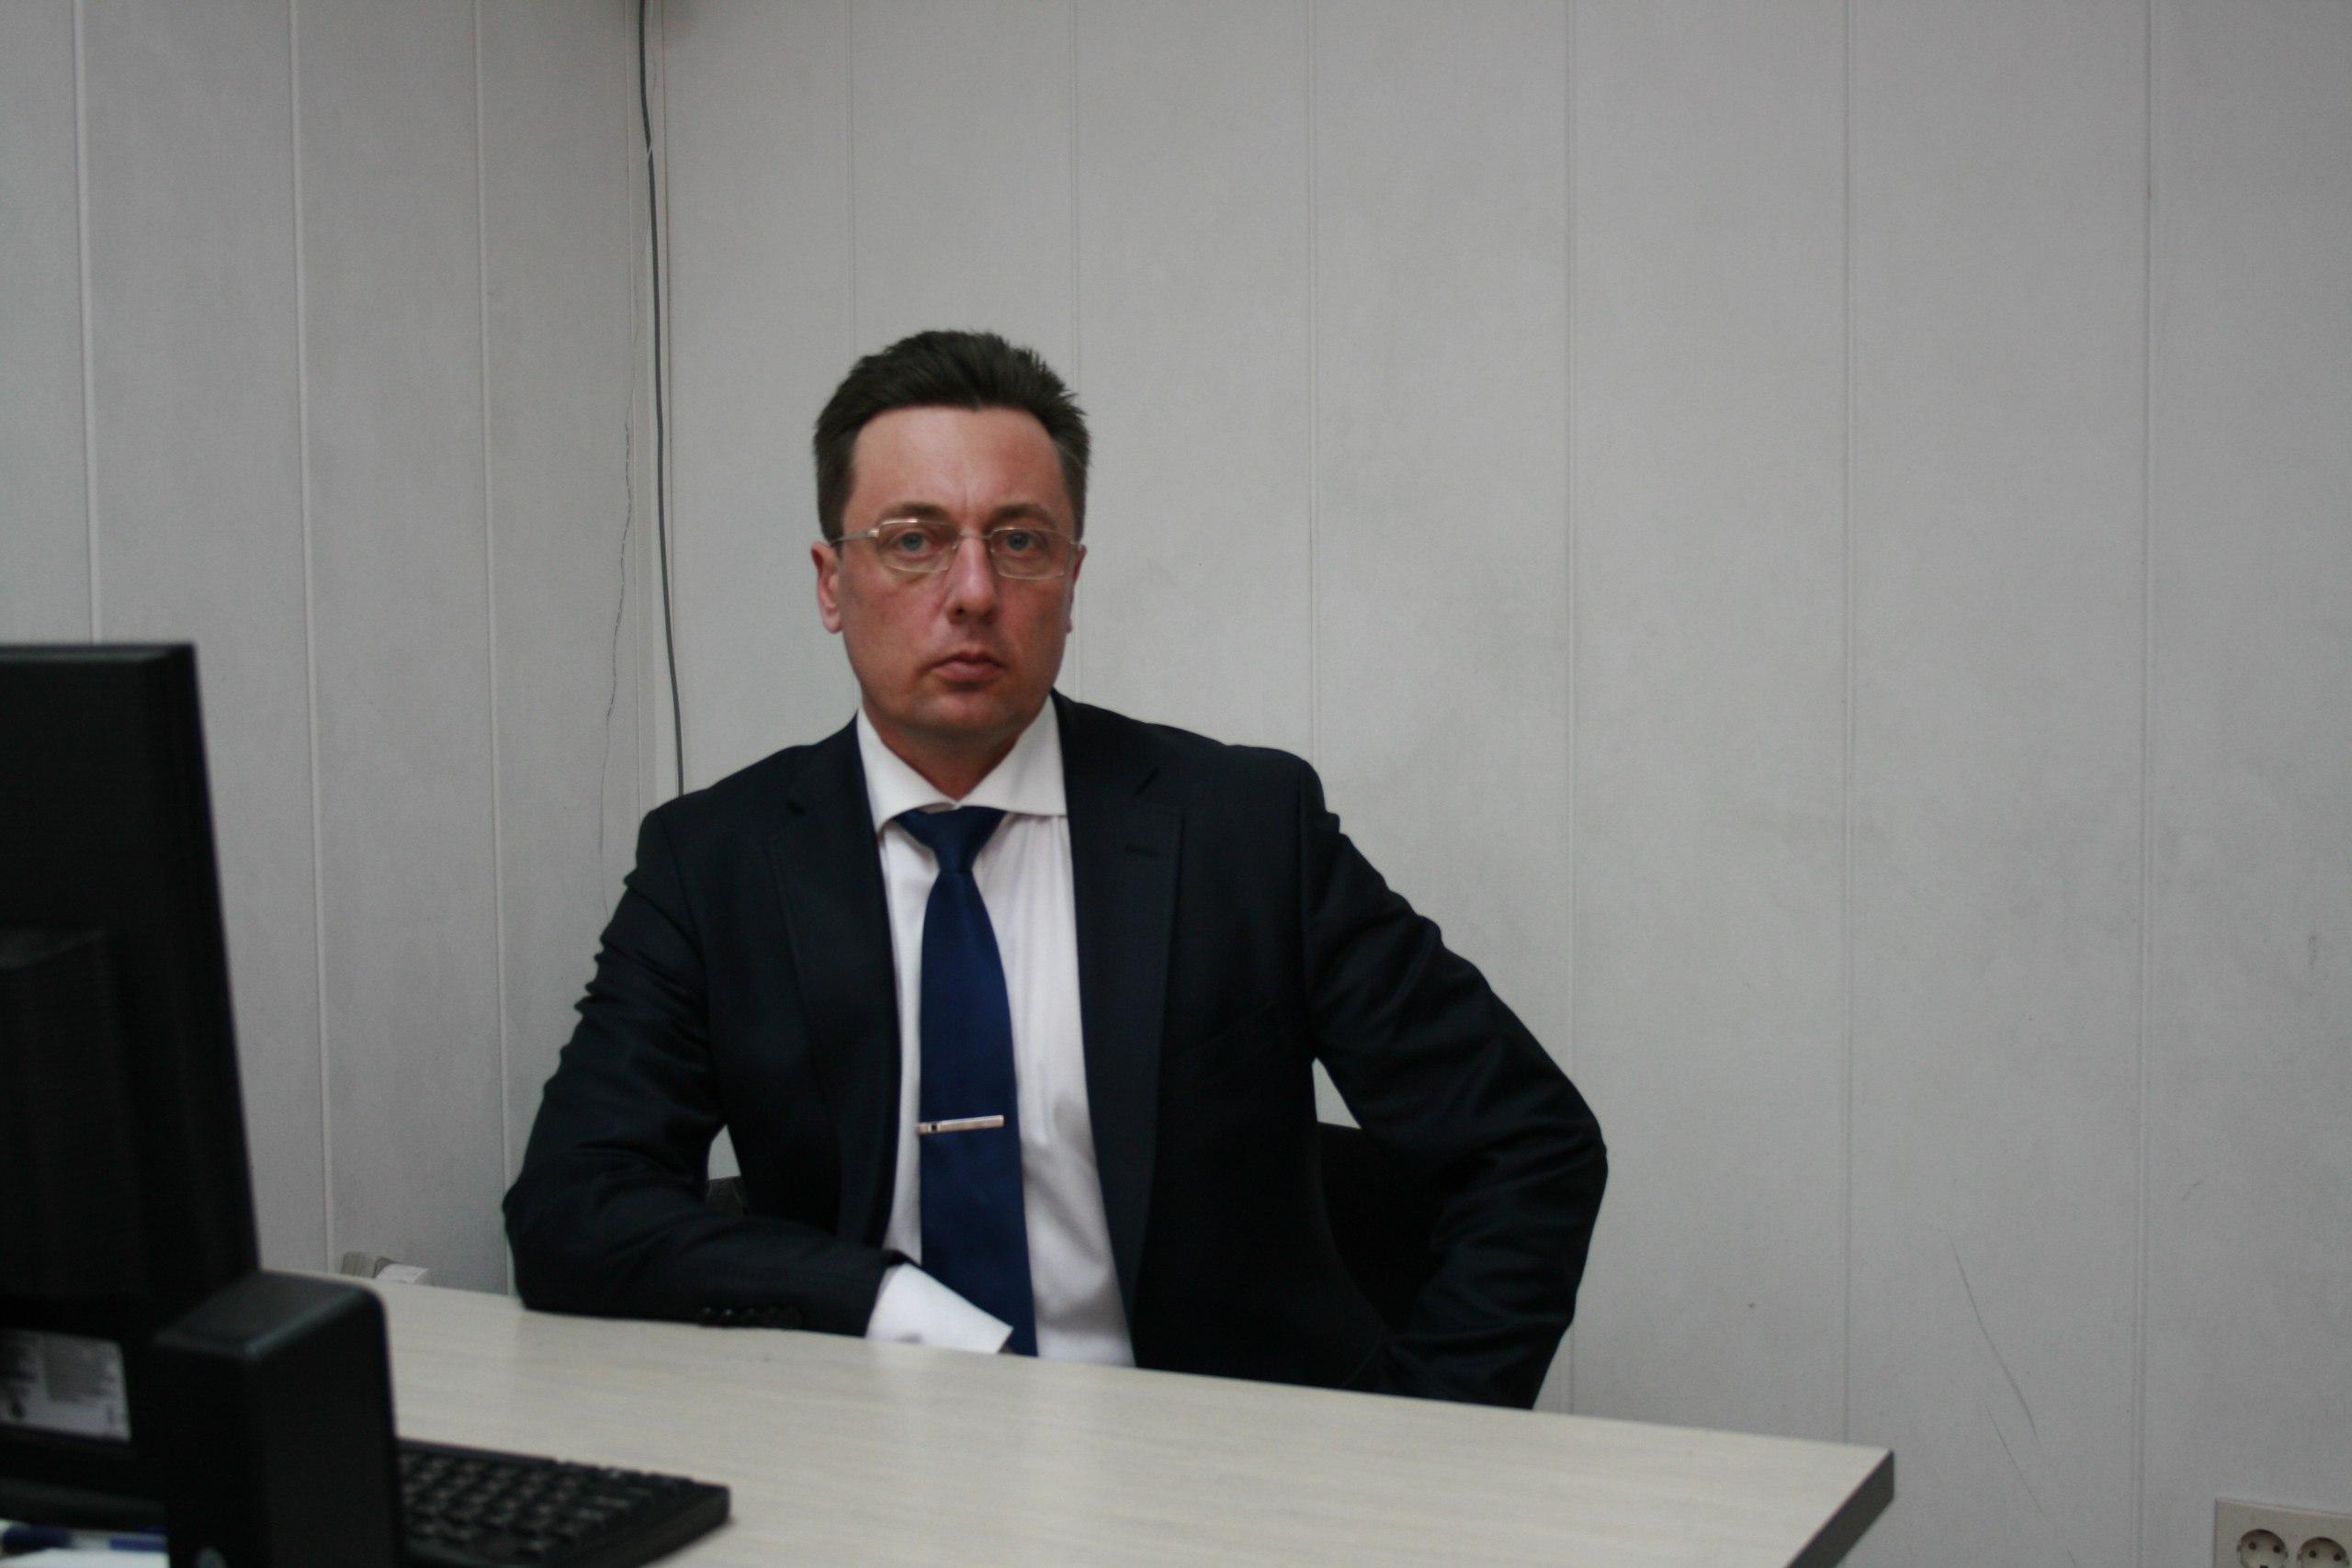 Виталий Харланов утверждает, что не подписывал соглашения о примирении для прекращения уголовного дела